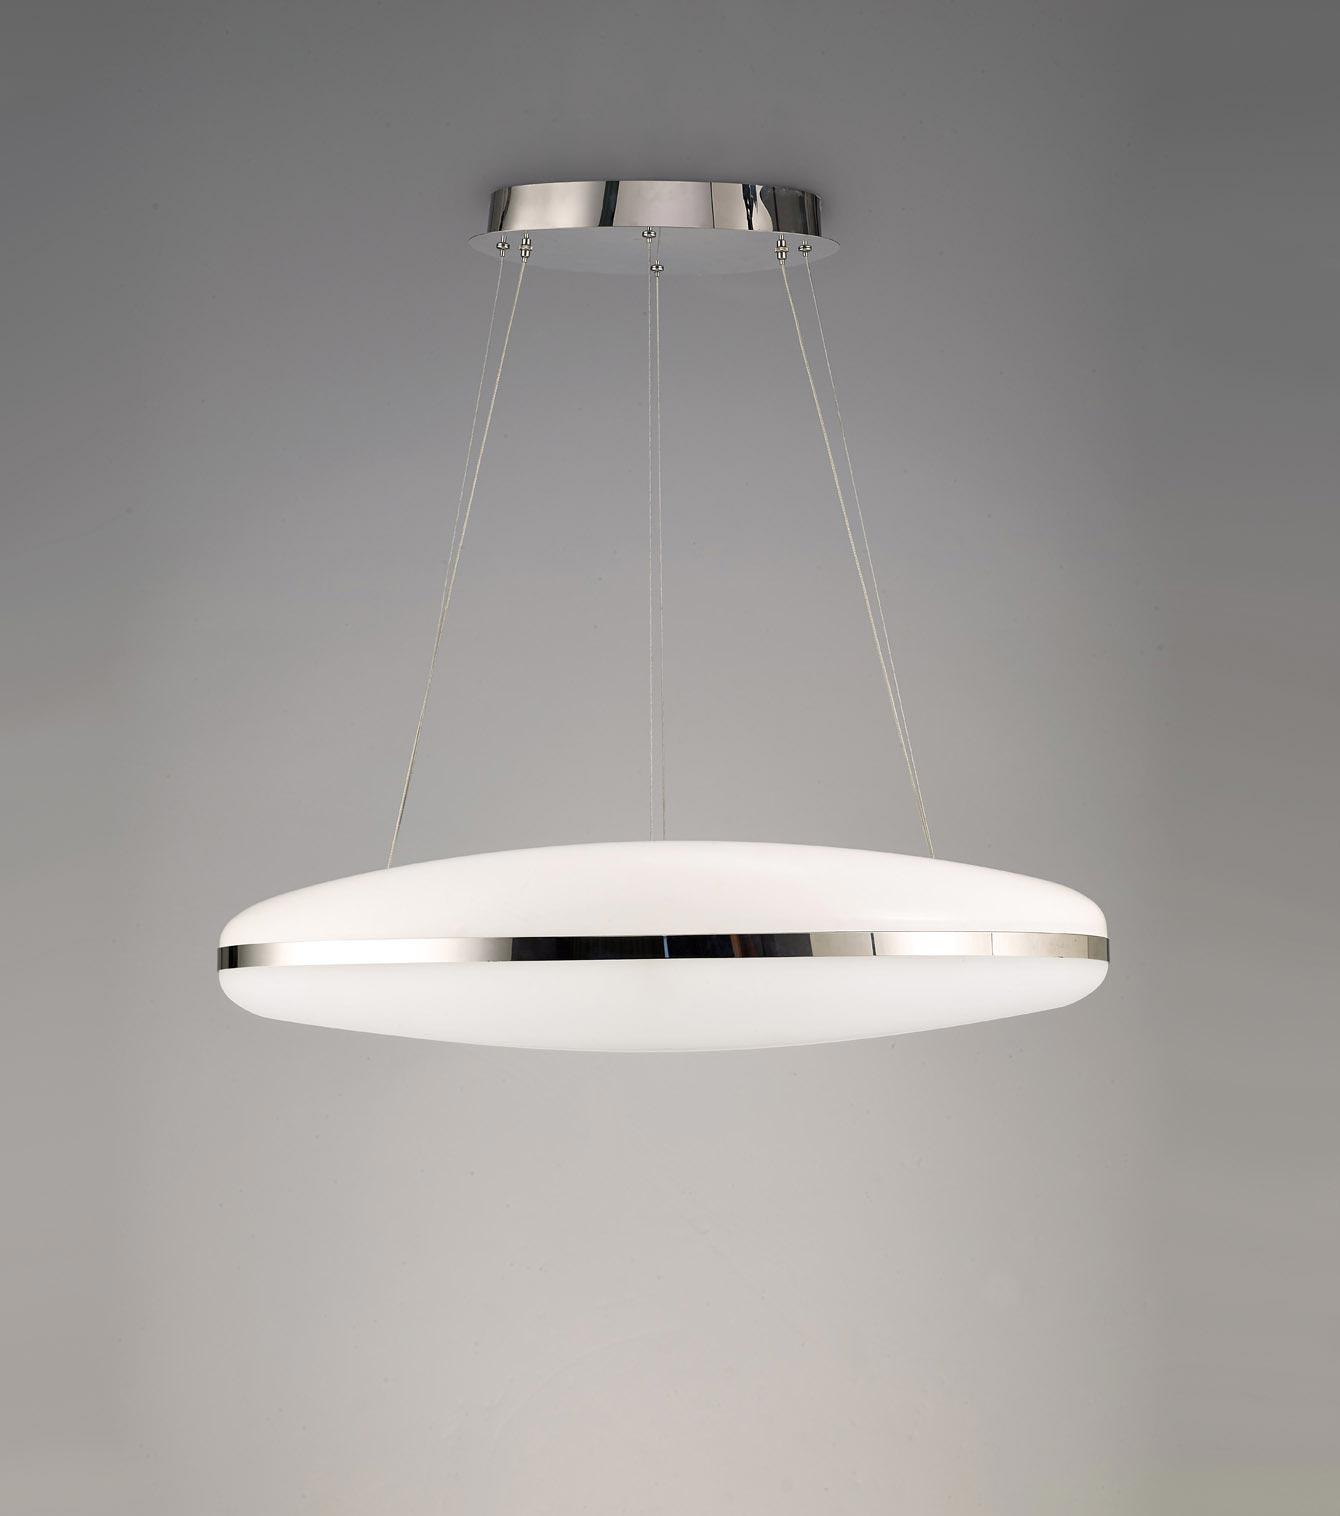 Lámpara colgante OAKLEY muestra 2